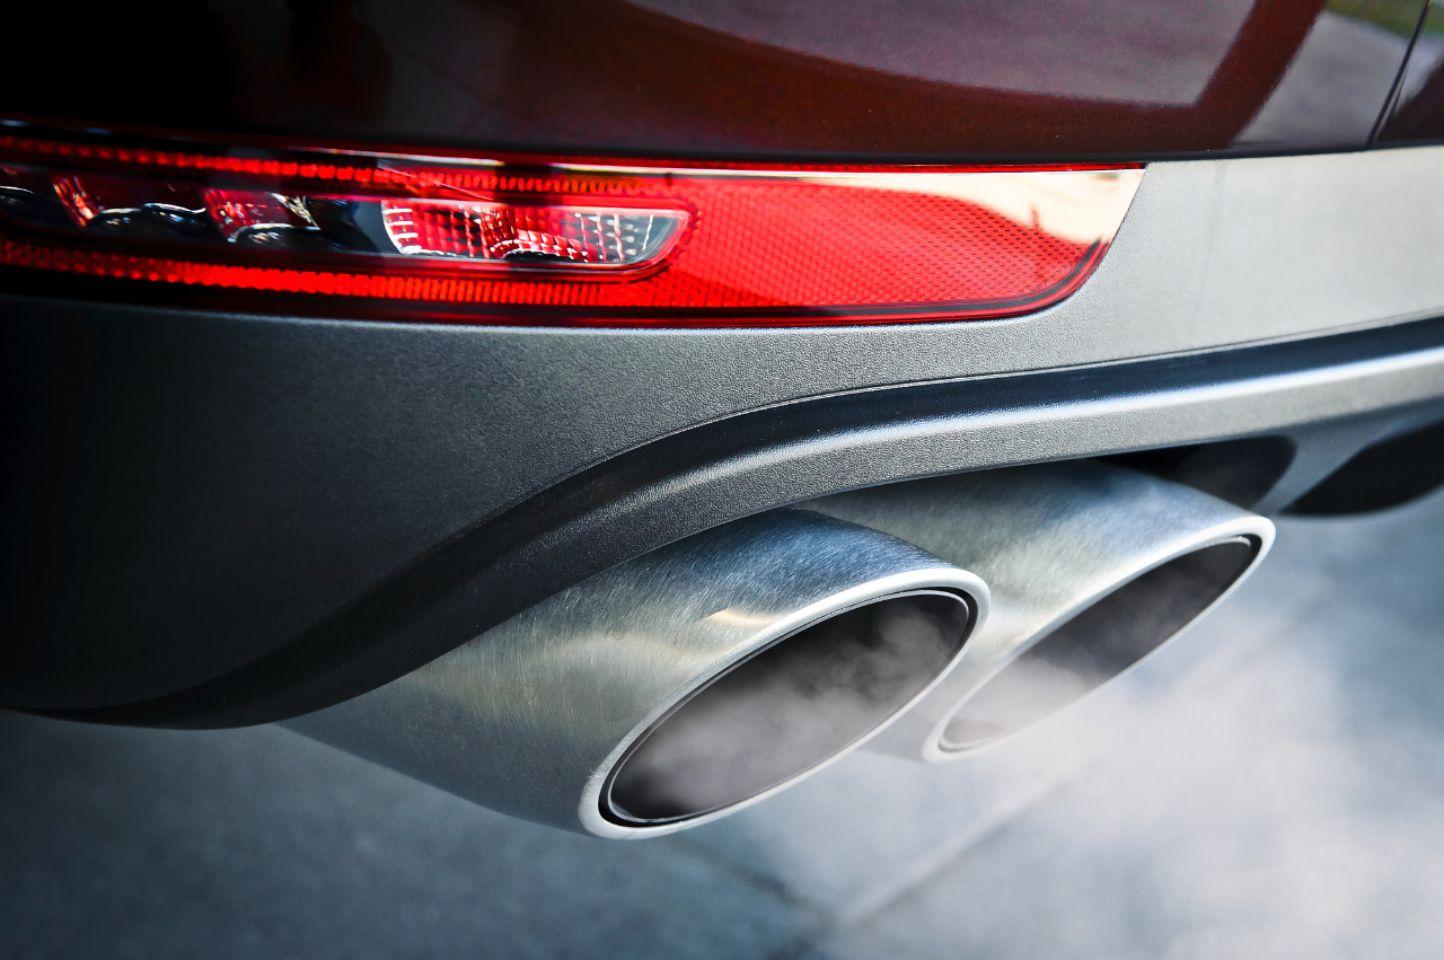 Inspección superficial antes de comprar un auto de segunda mano-3